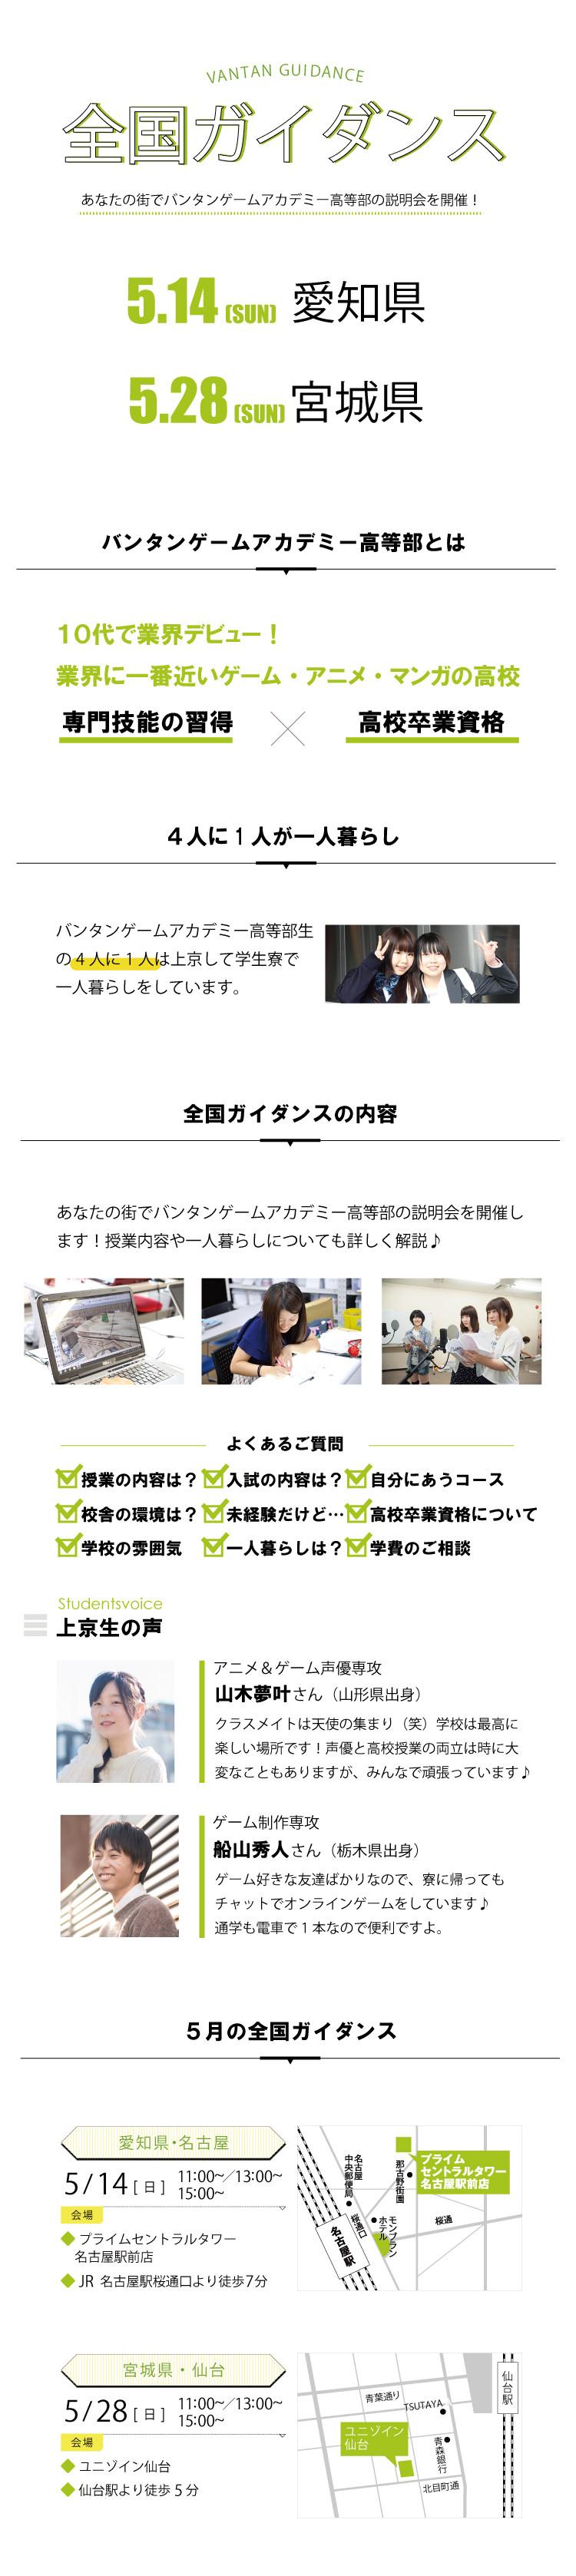 18_zennkoku.jpg